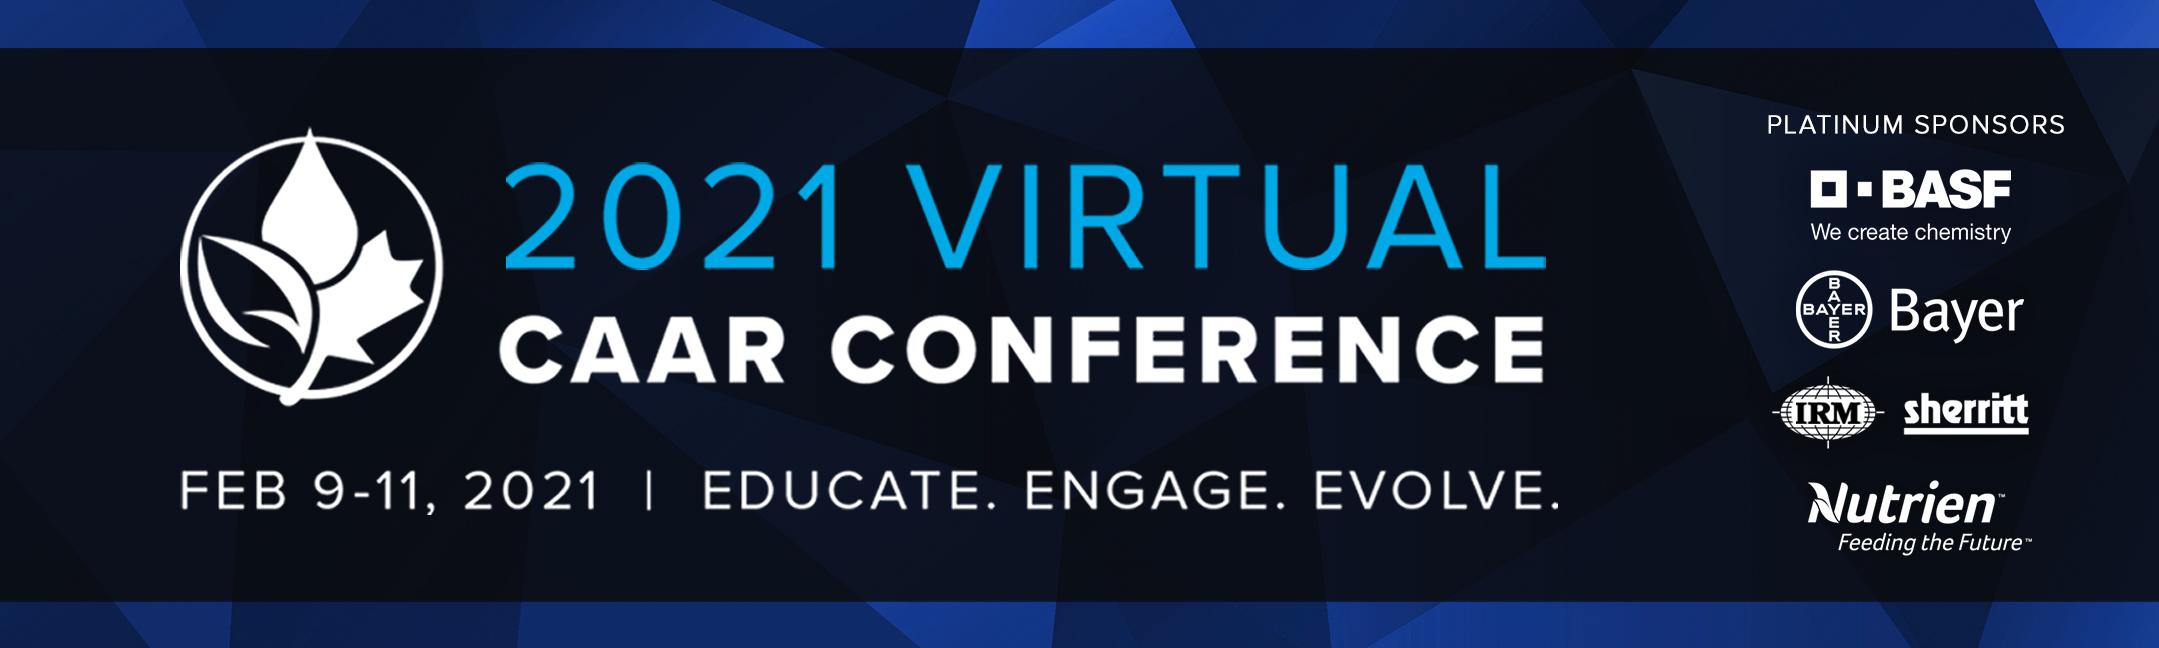 2021 Virtual CAAR Conference